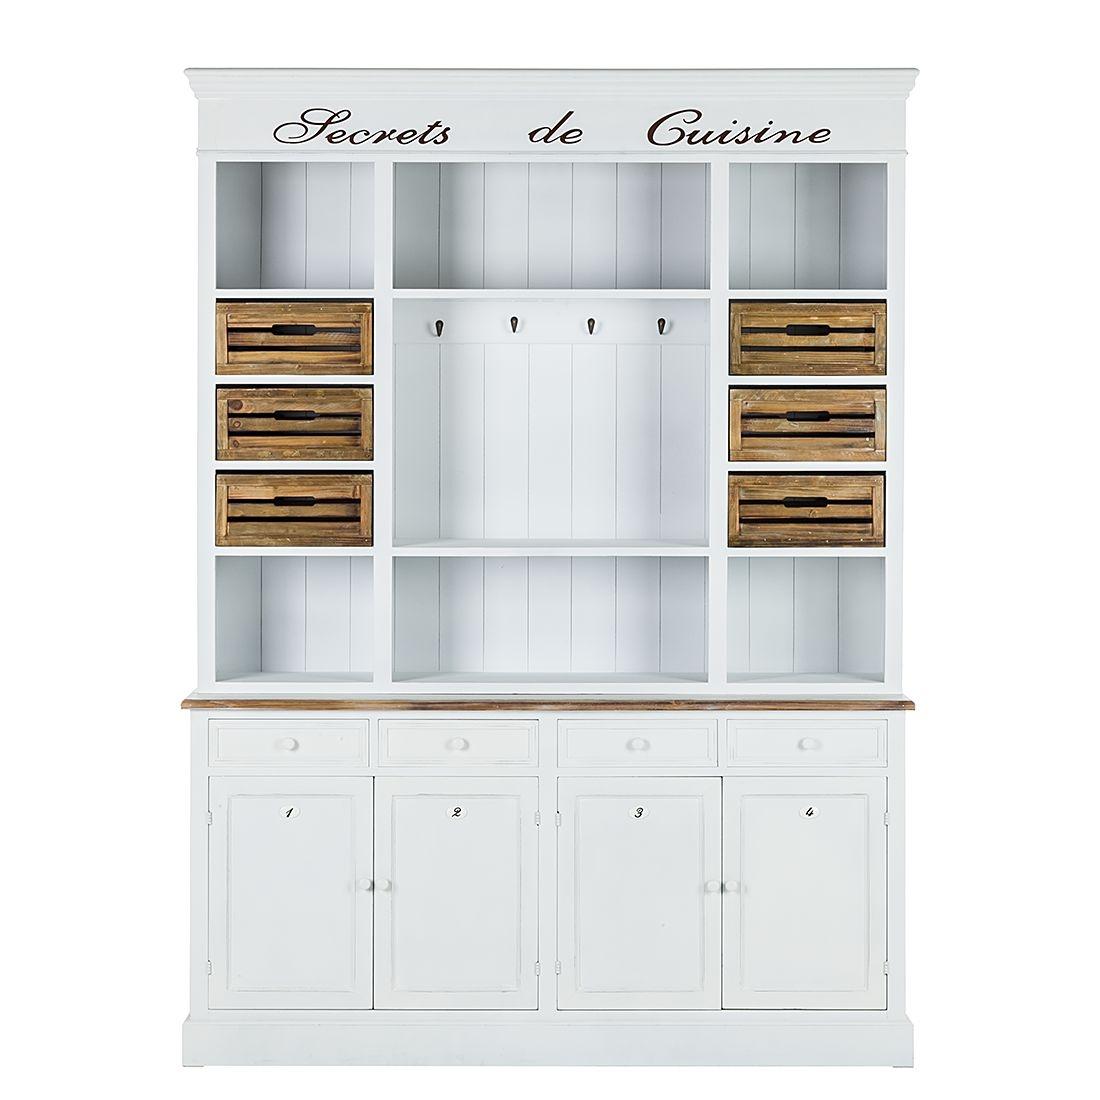 Full Size of Anrichte Küche Schmal Anrichte Küche 100 Cm Anrichte Für Küche Sideboard Küche Diy Küche Anrichte Küche